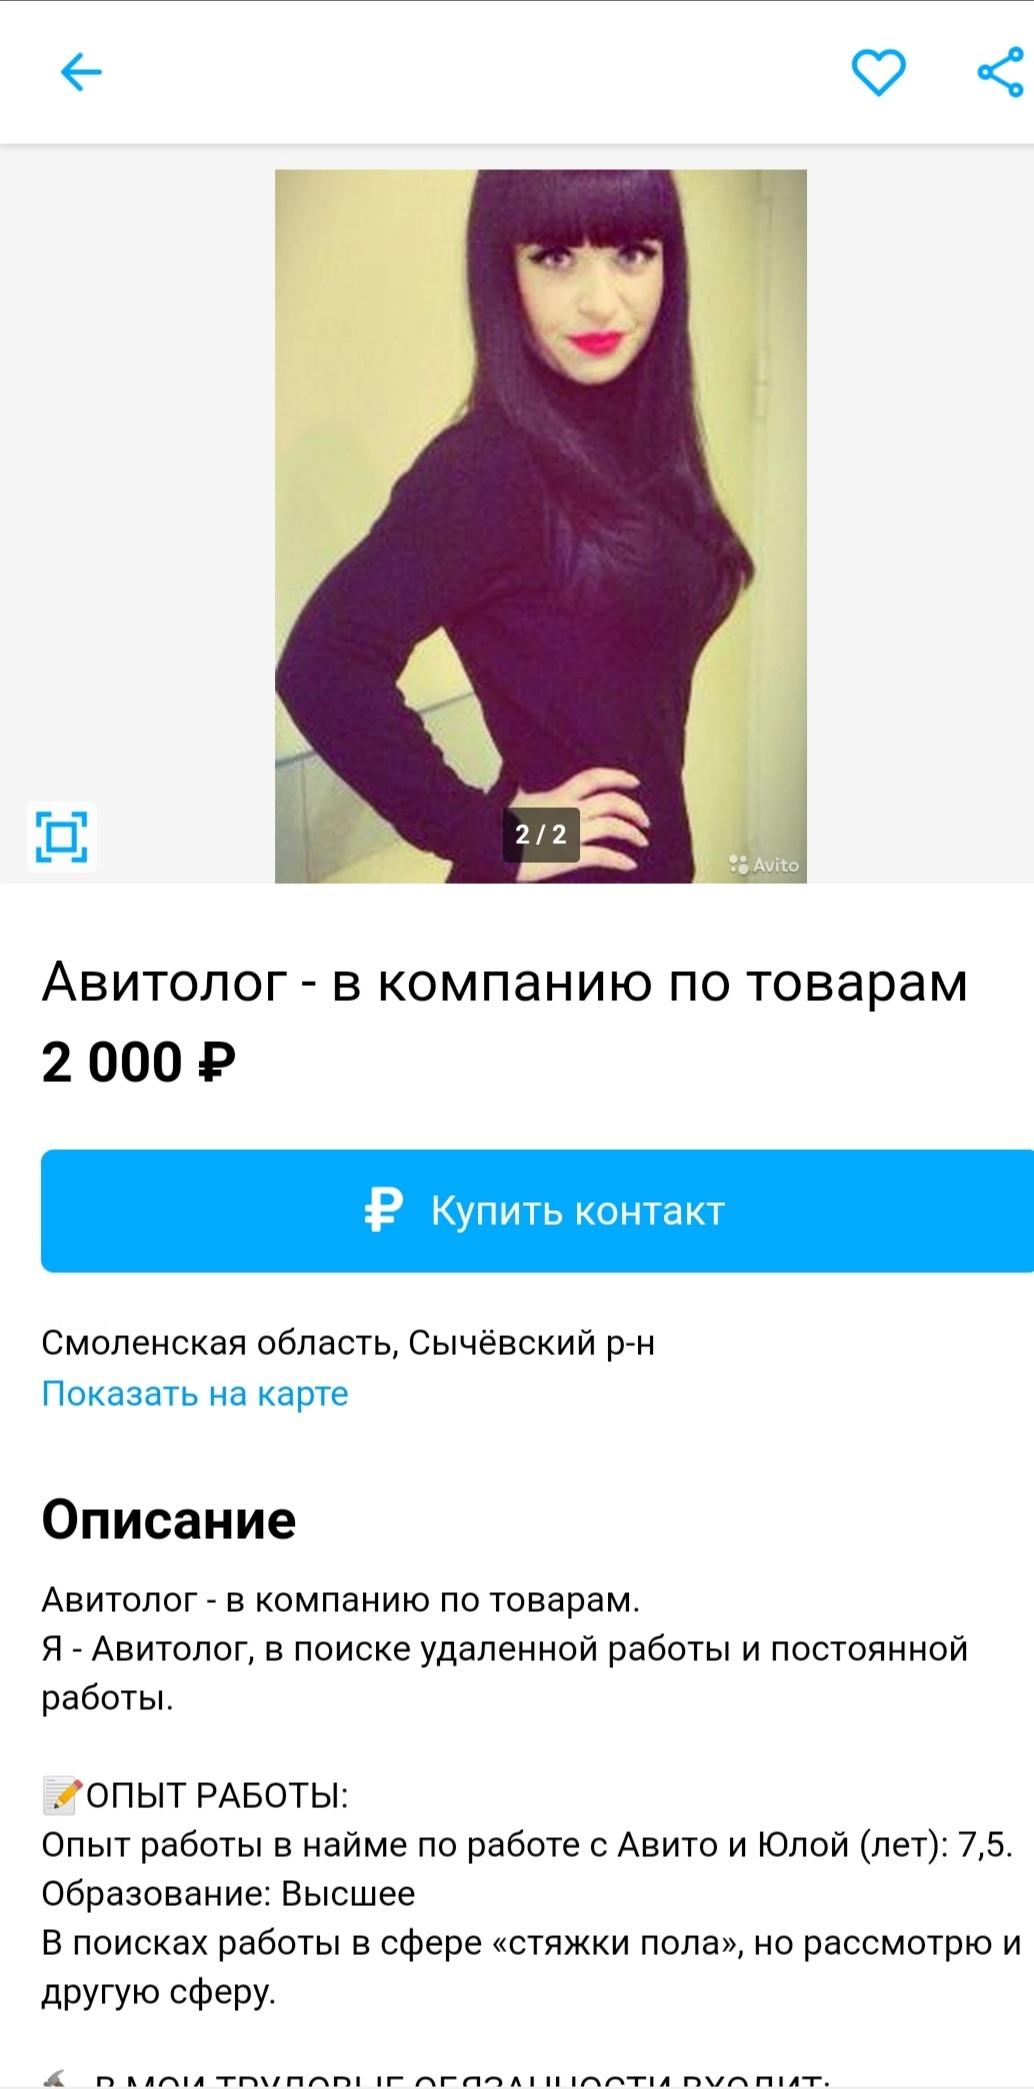 Работа для интересной девушки модельный бизнес краснокамск